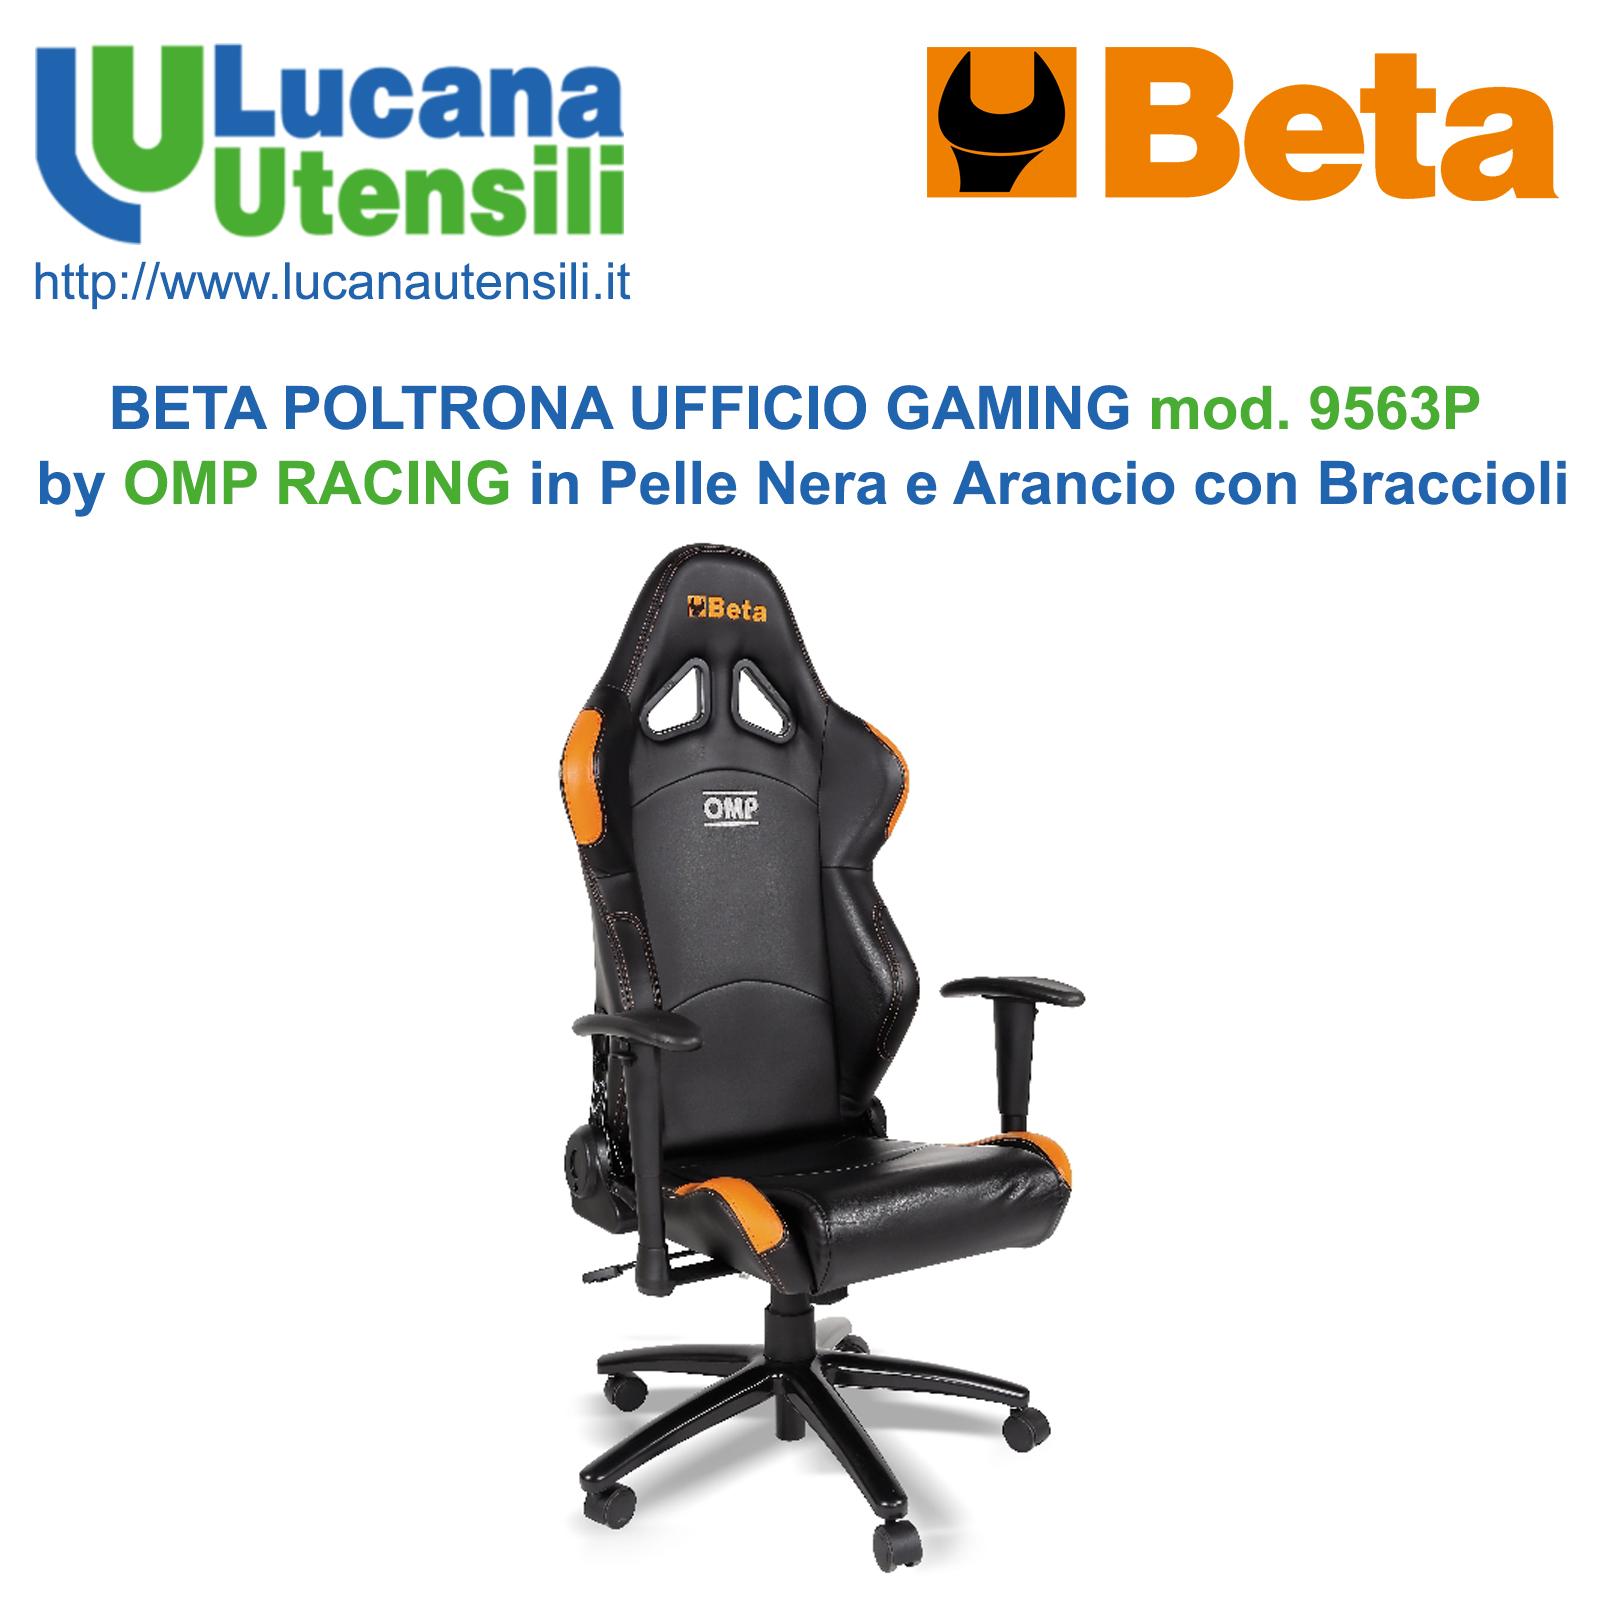 Omp Poltrone Ufficio.Beta Poltrona Ufficio Gaming Modello 9563p By Omp Racing In Pelle Nera E Arancio Con Braccioli E Rotelle